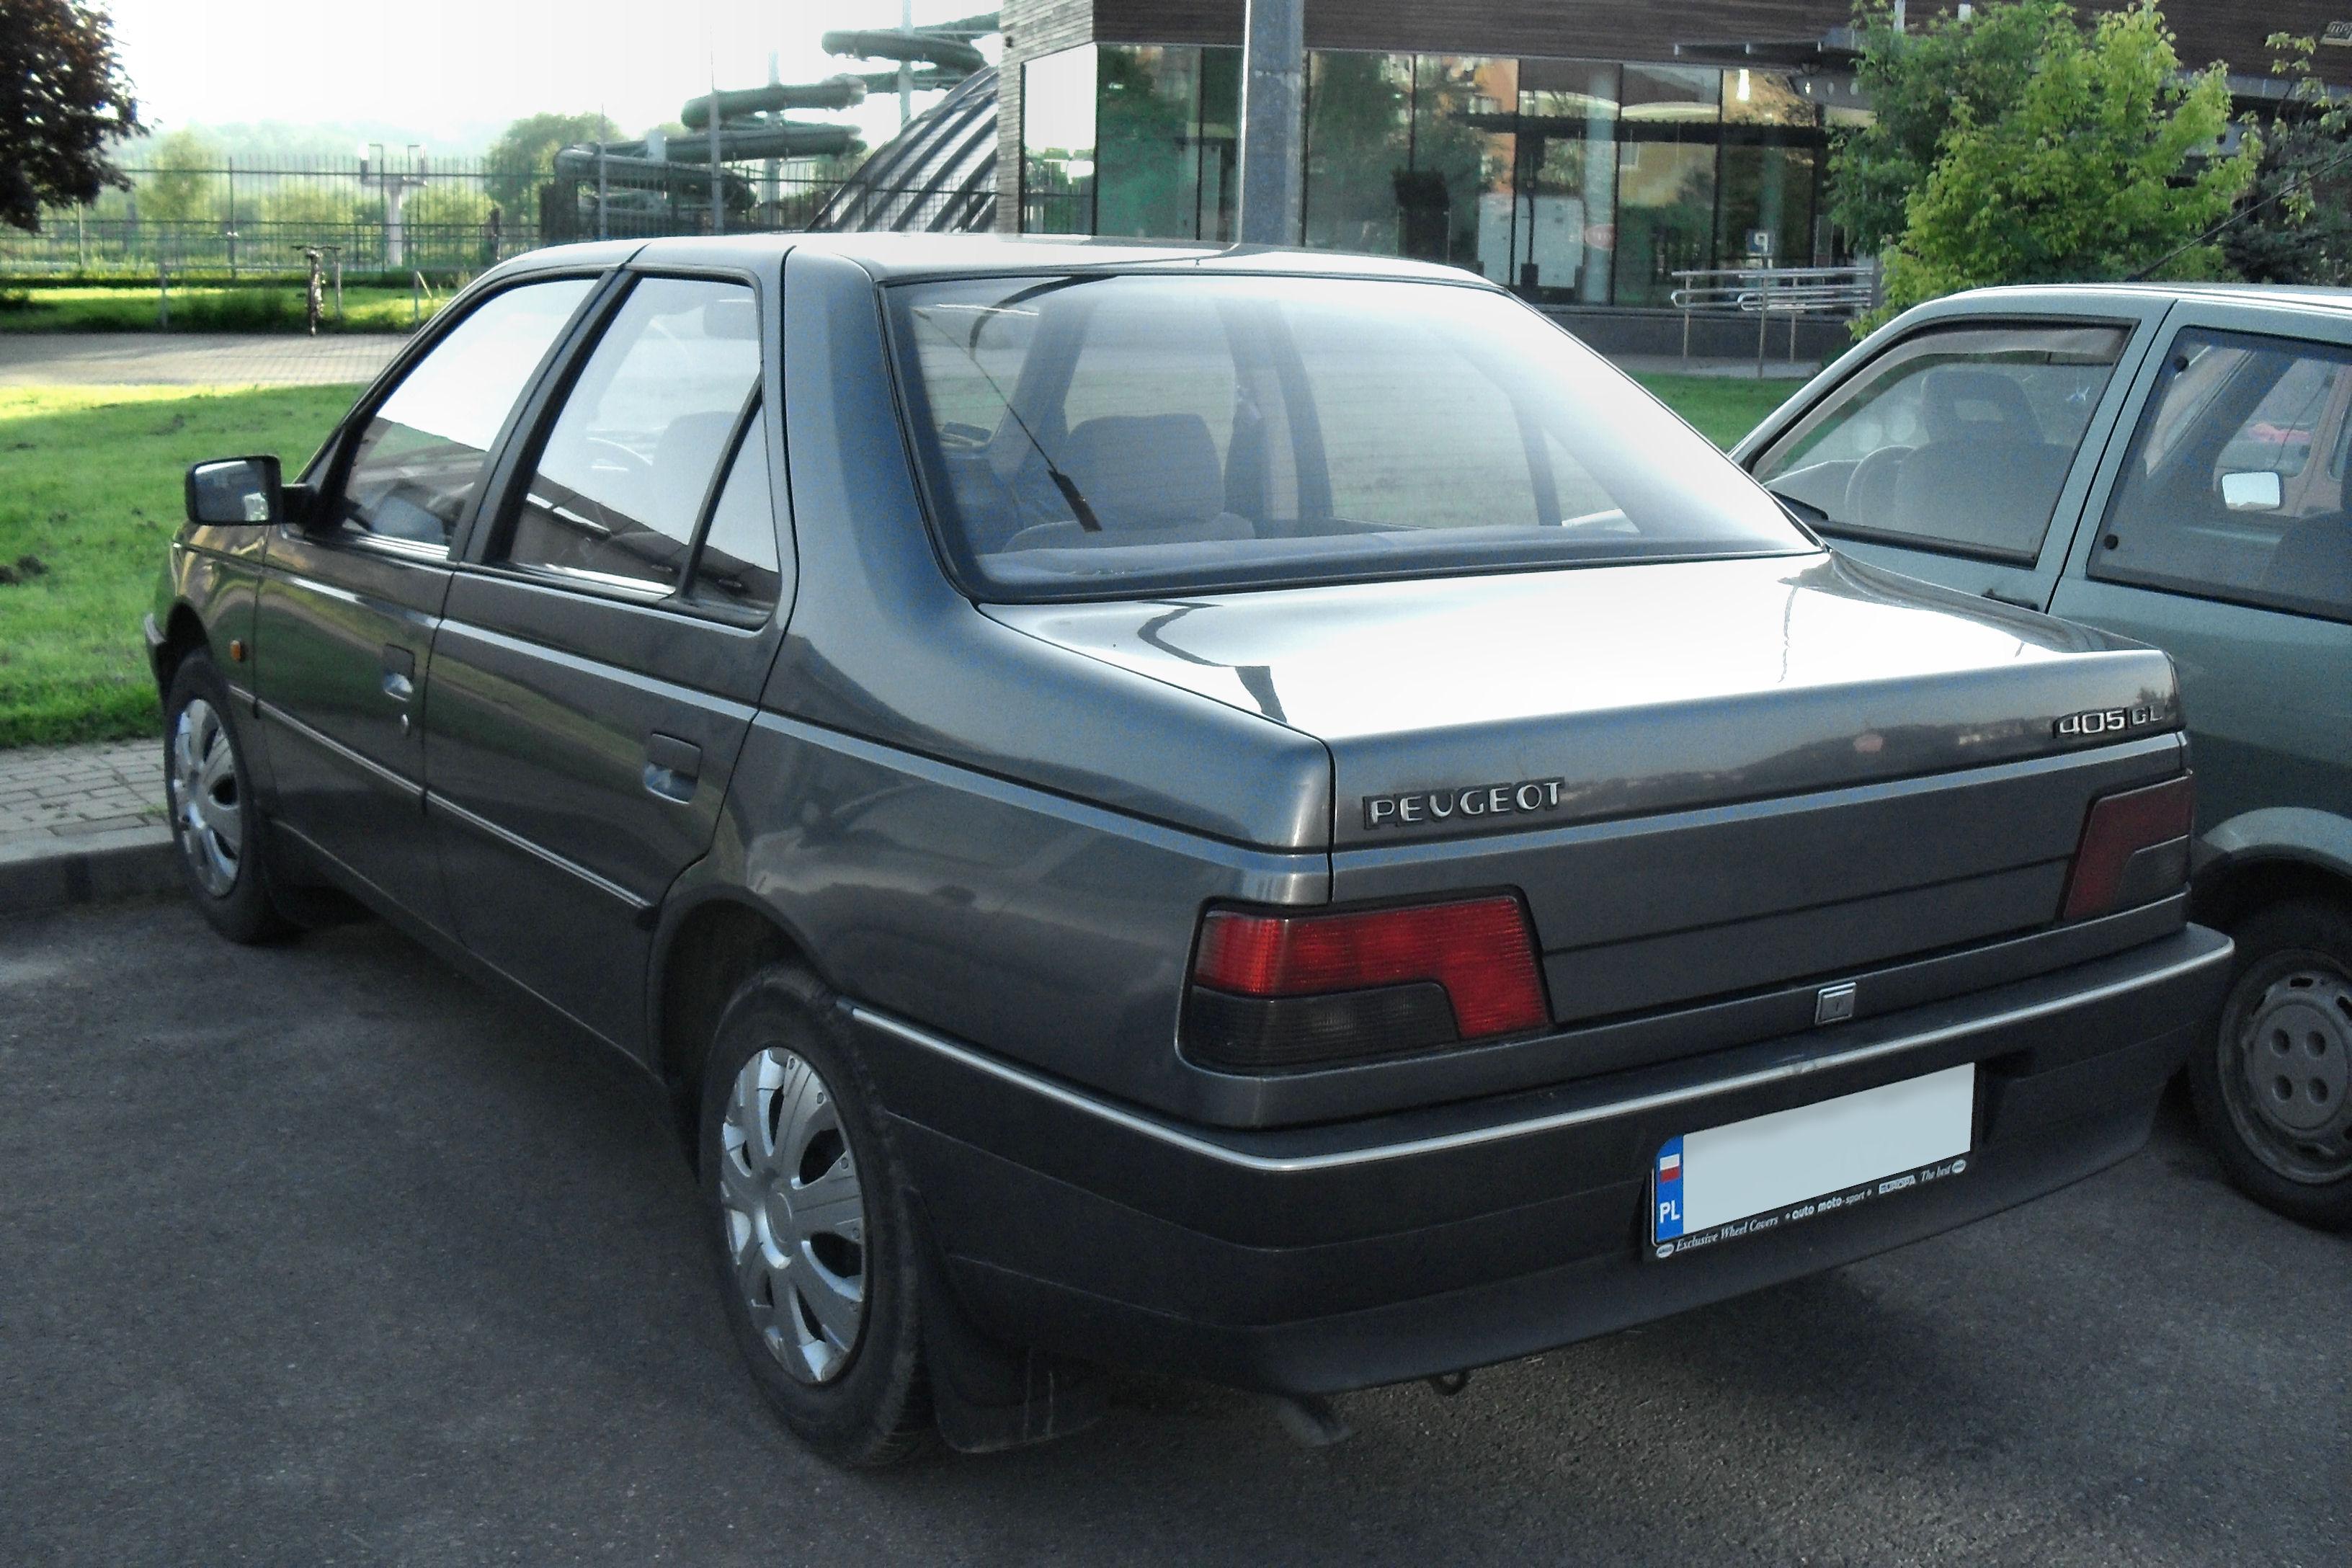 File:Peugeot 405 rear jaslo.JPG - Wikimedia Commons